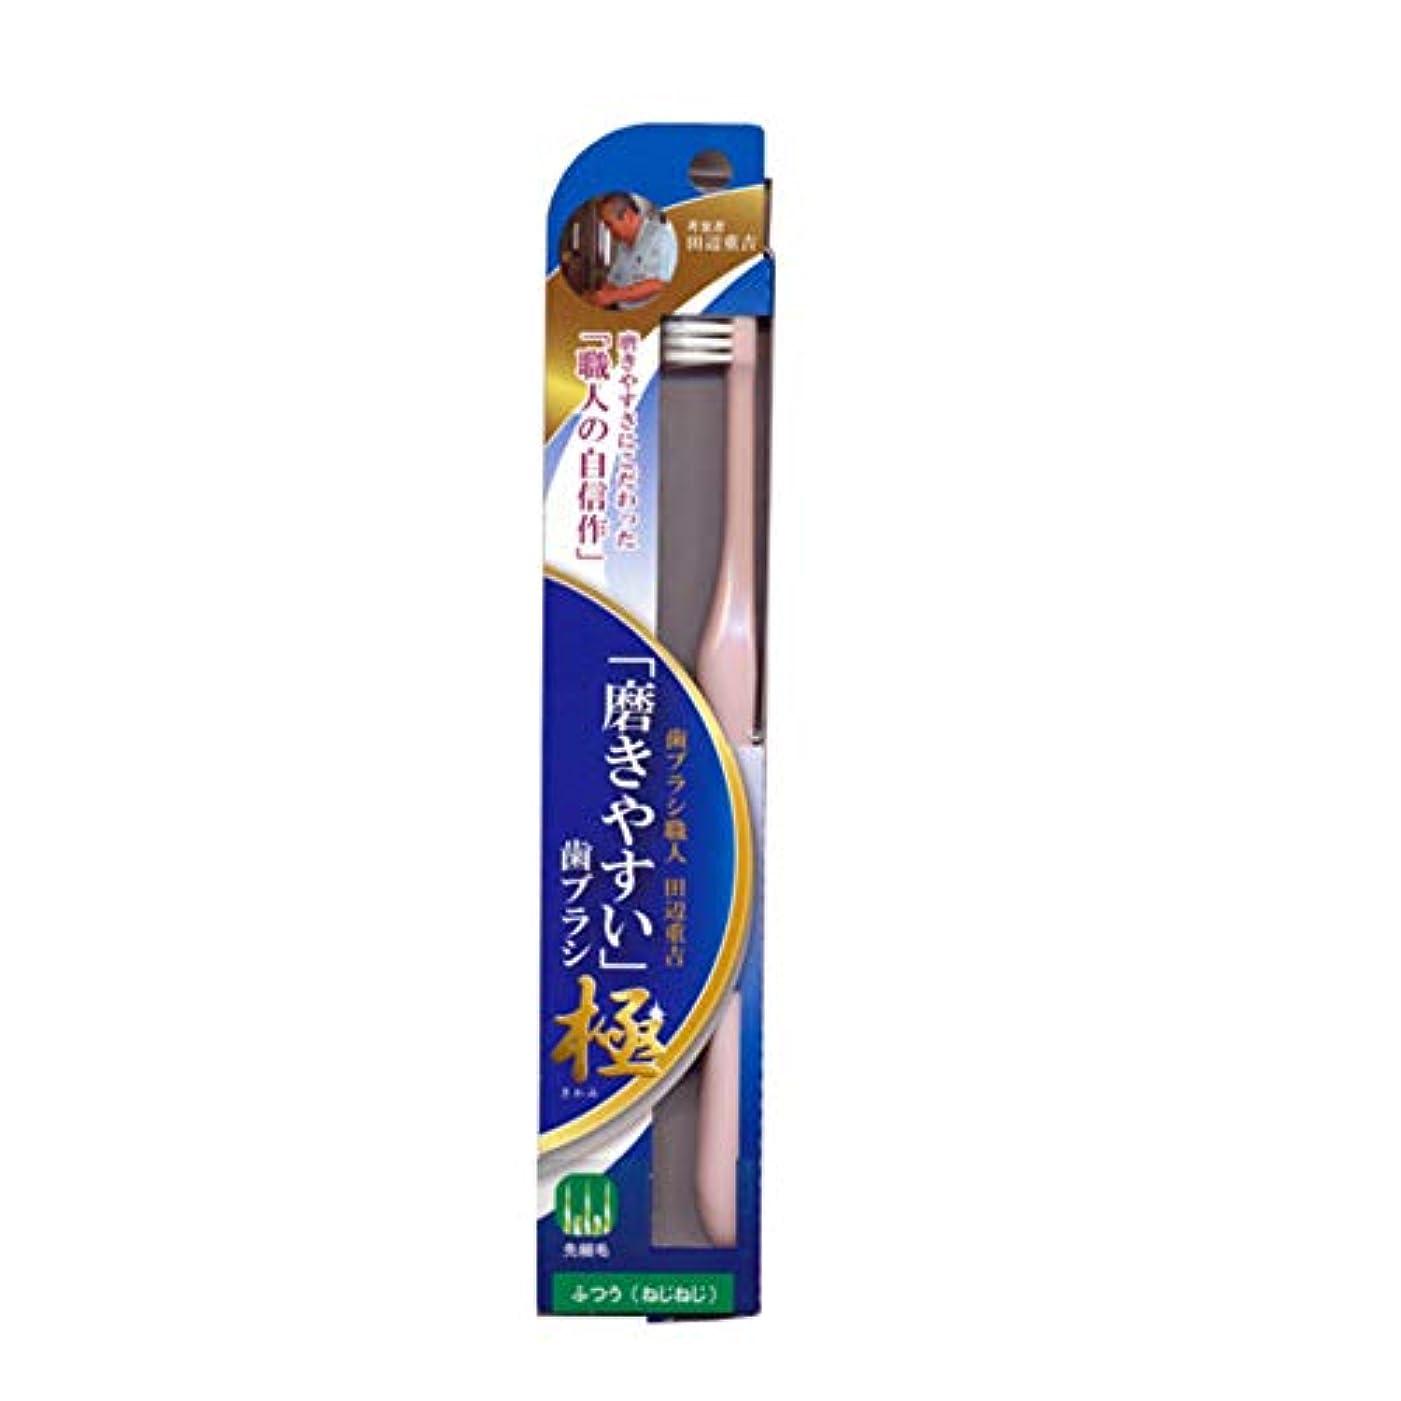 発見症候群出席する磨きやすい歯ブラシ極 (ふつう ねじねじ) LT-45 先細毛(色選択不可)